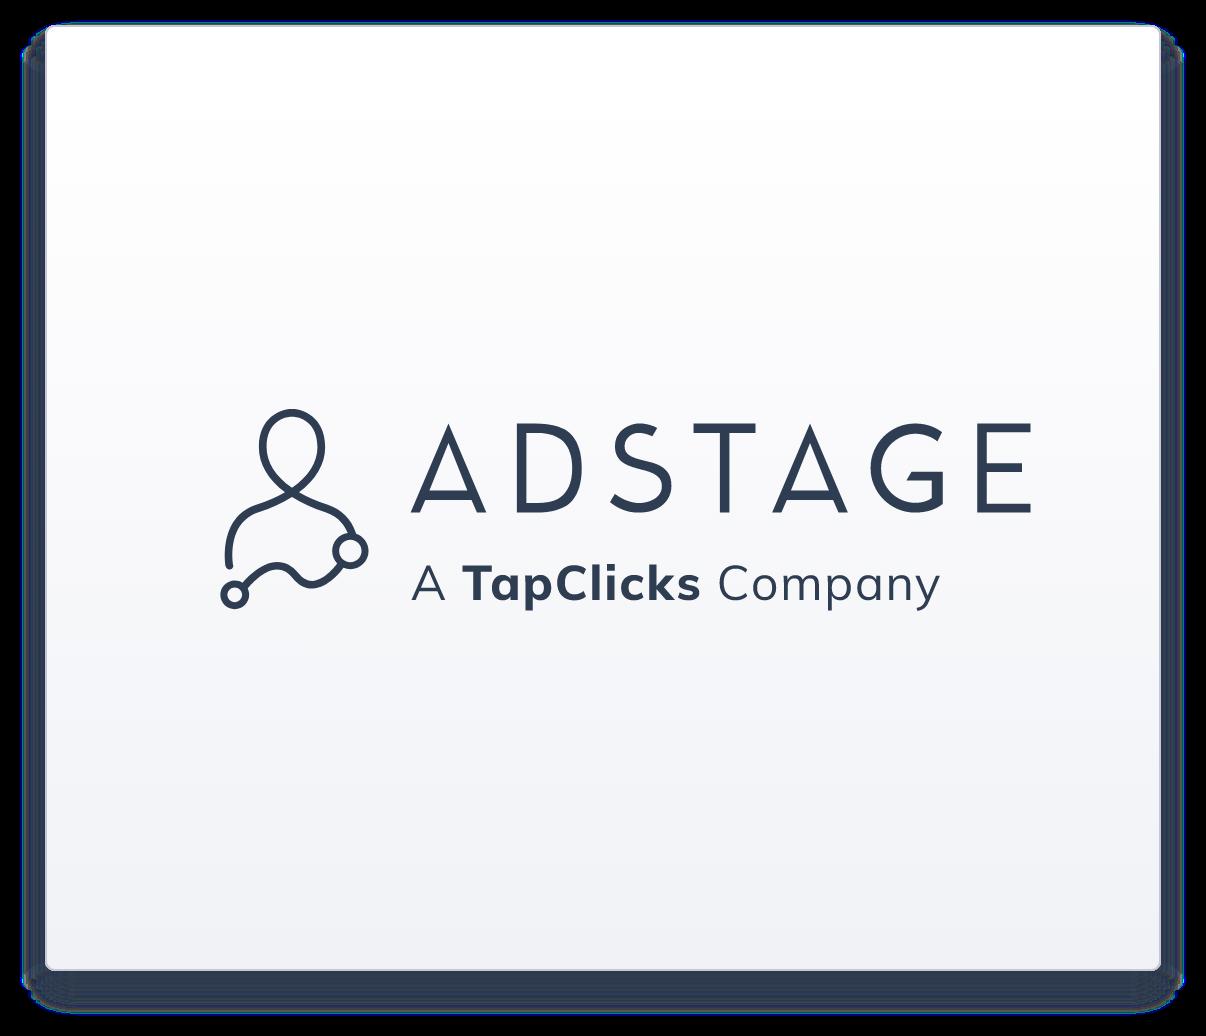 AdStage_v2